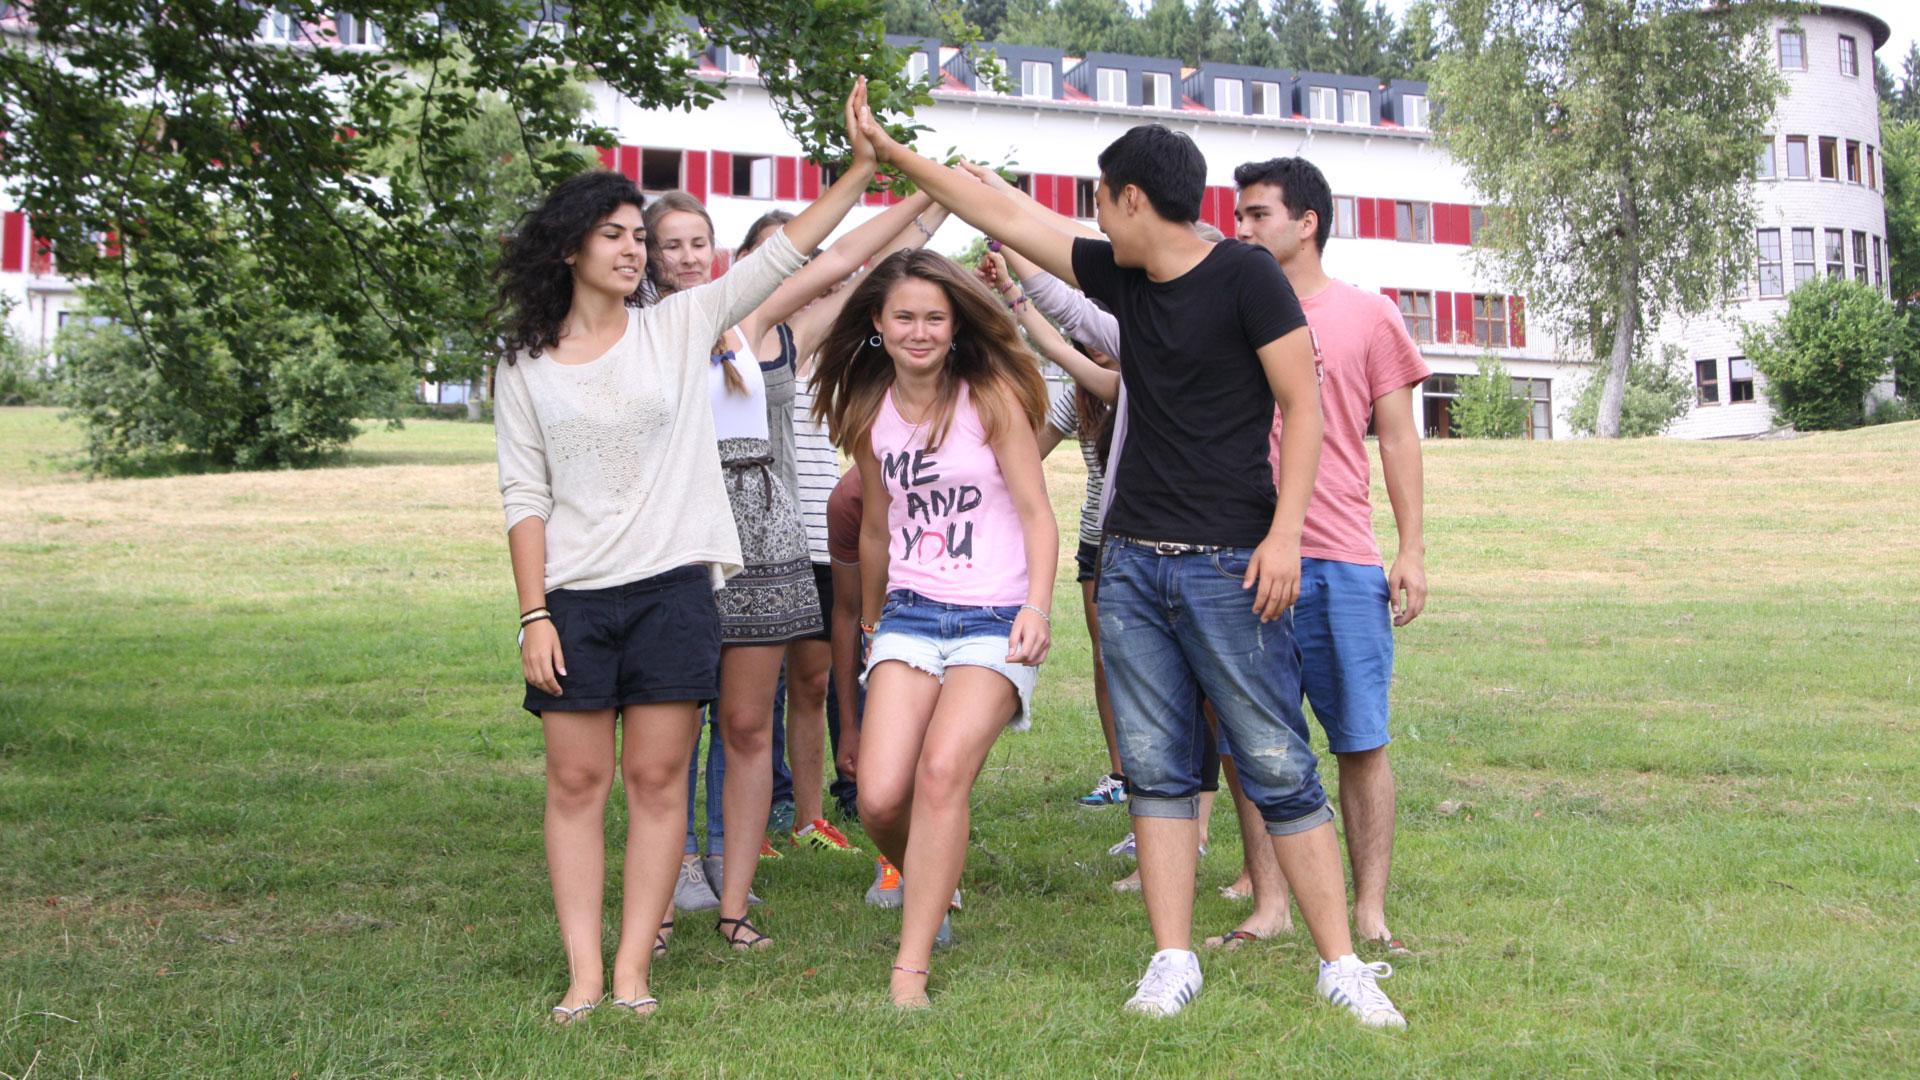 Humboldt-Jugendgästehaus, Tanz auf der Spielwiese